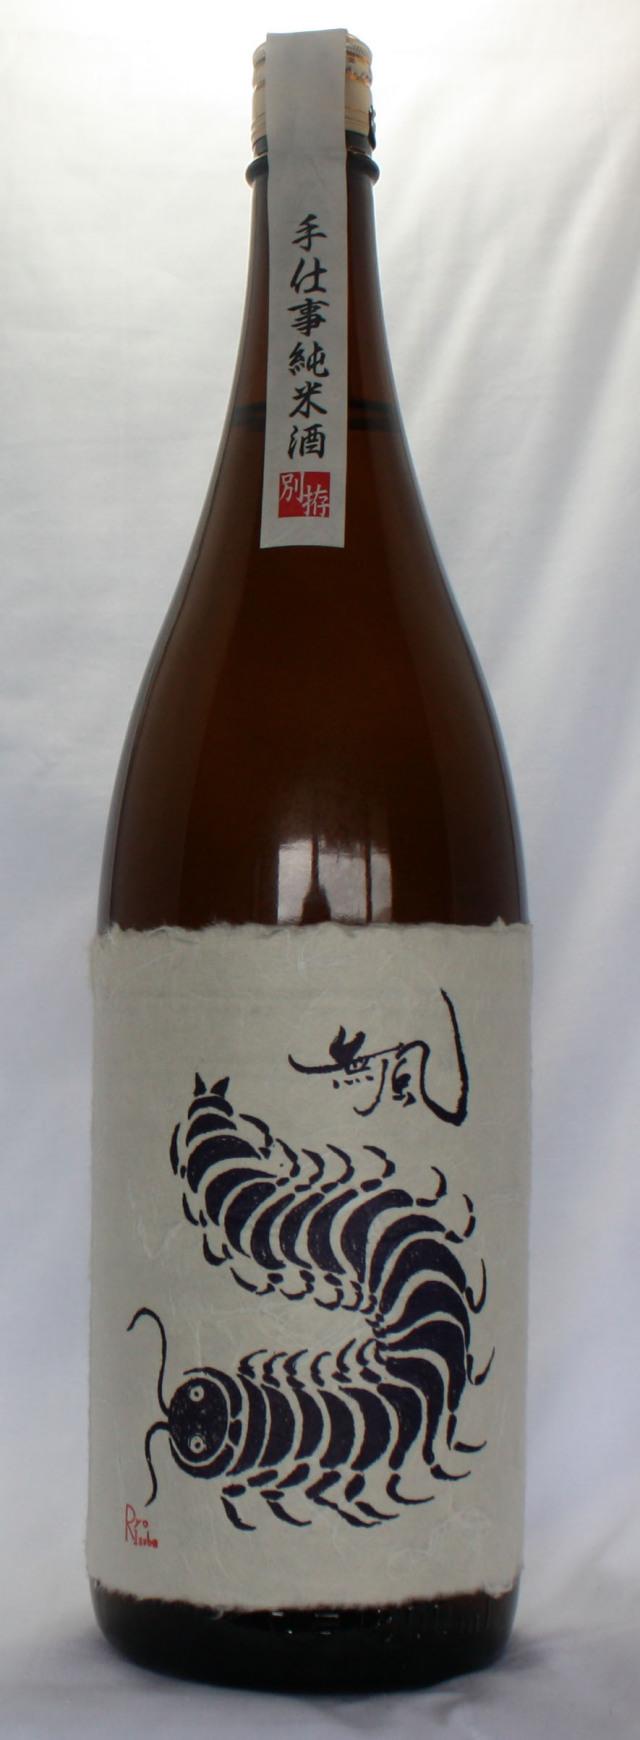 無風純米酒 (むかでじゅんまいしゅ) 1800ml